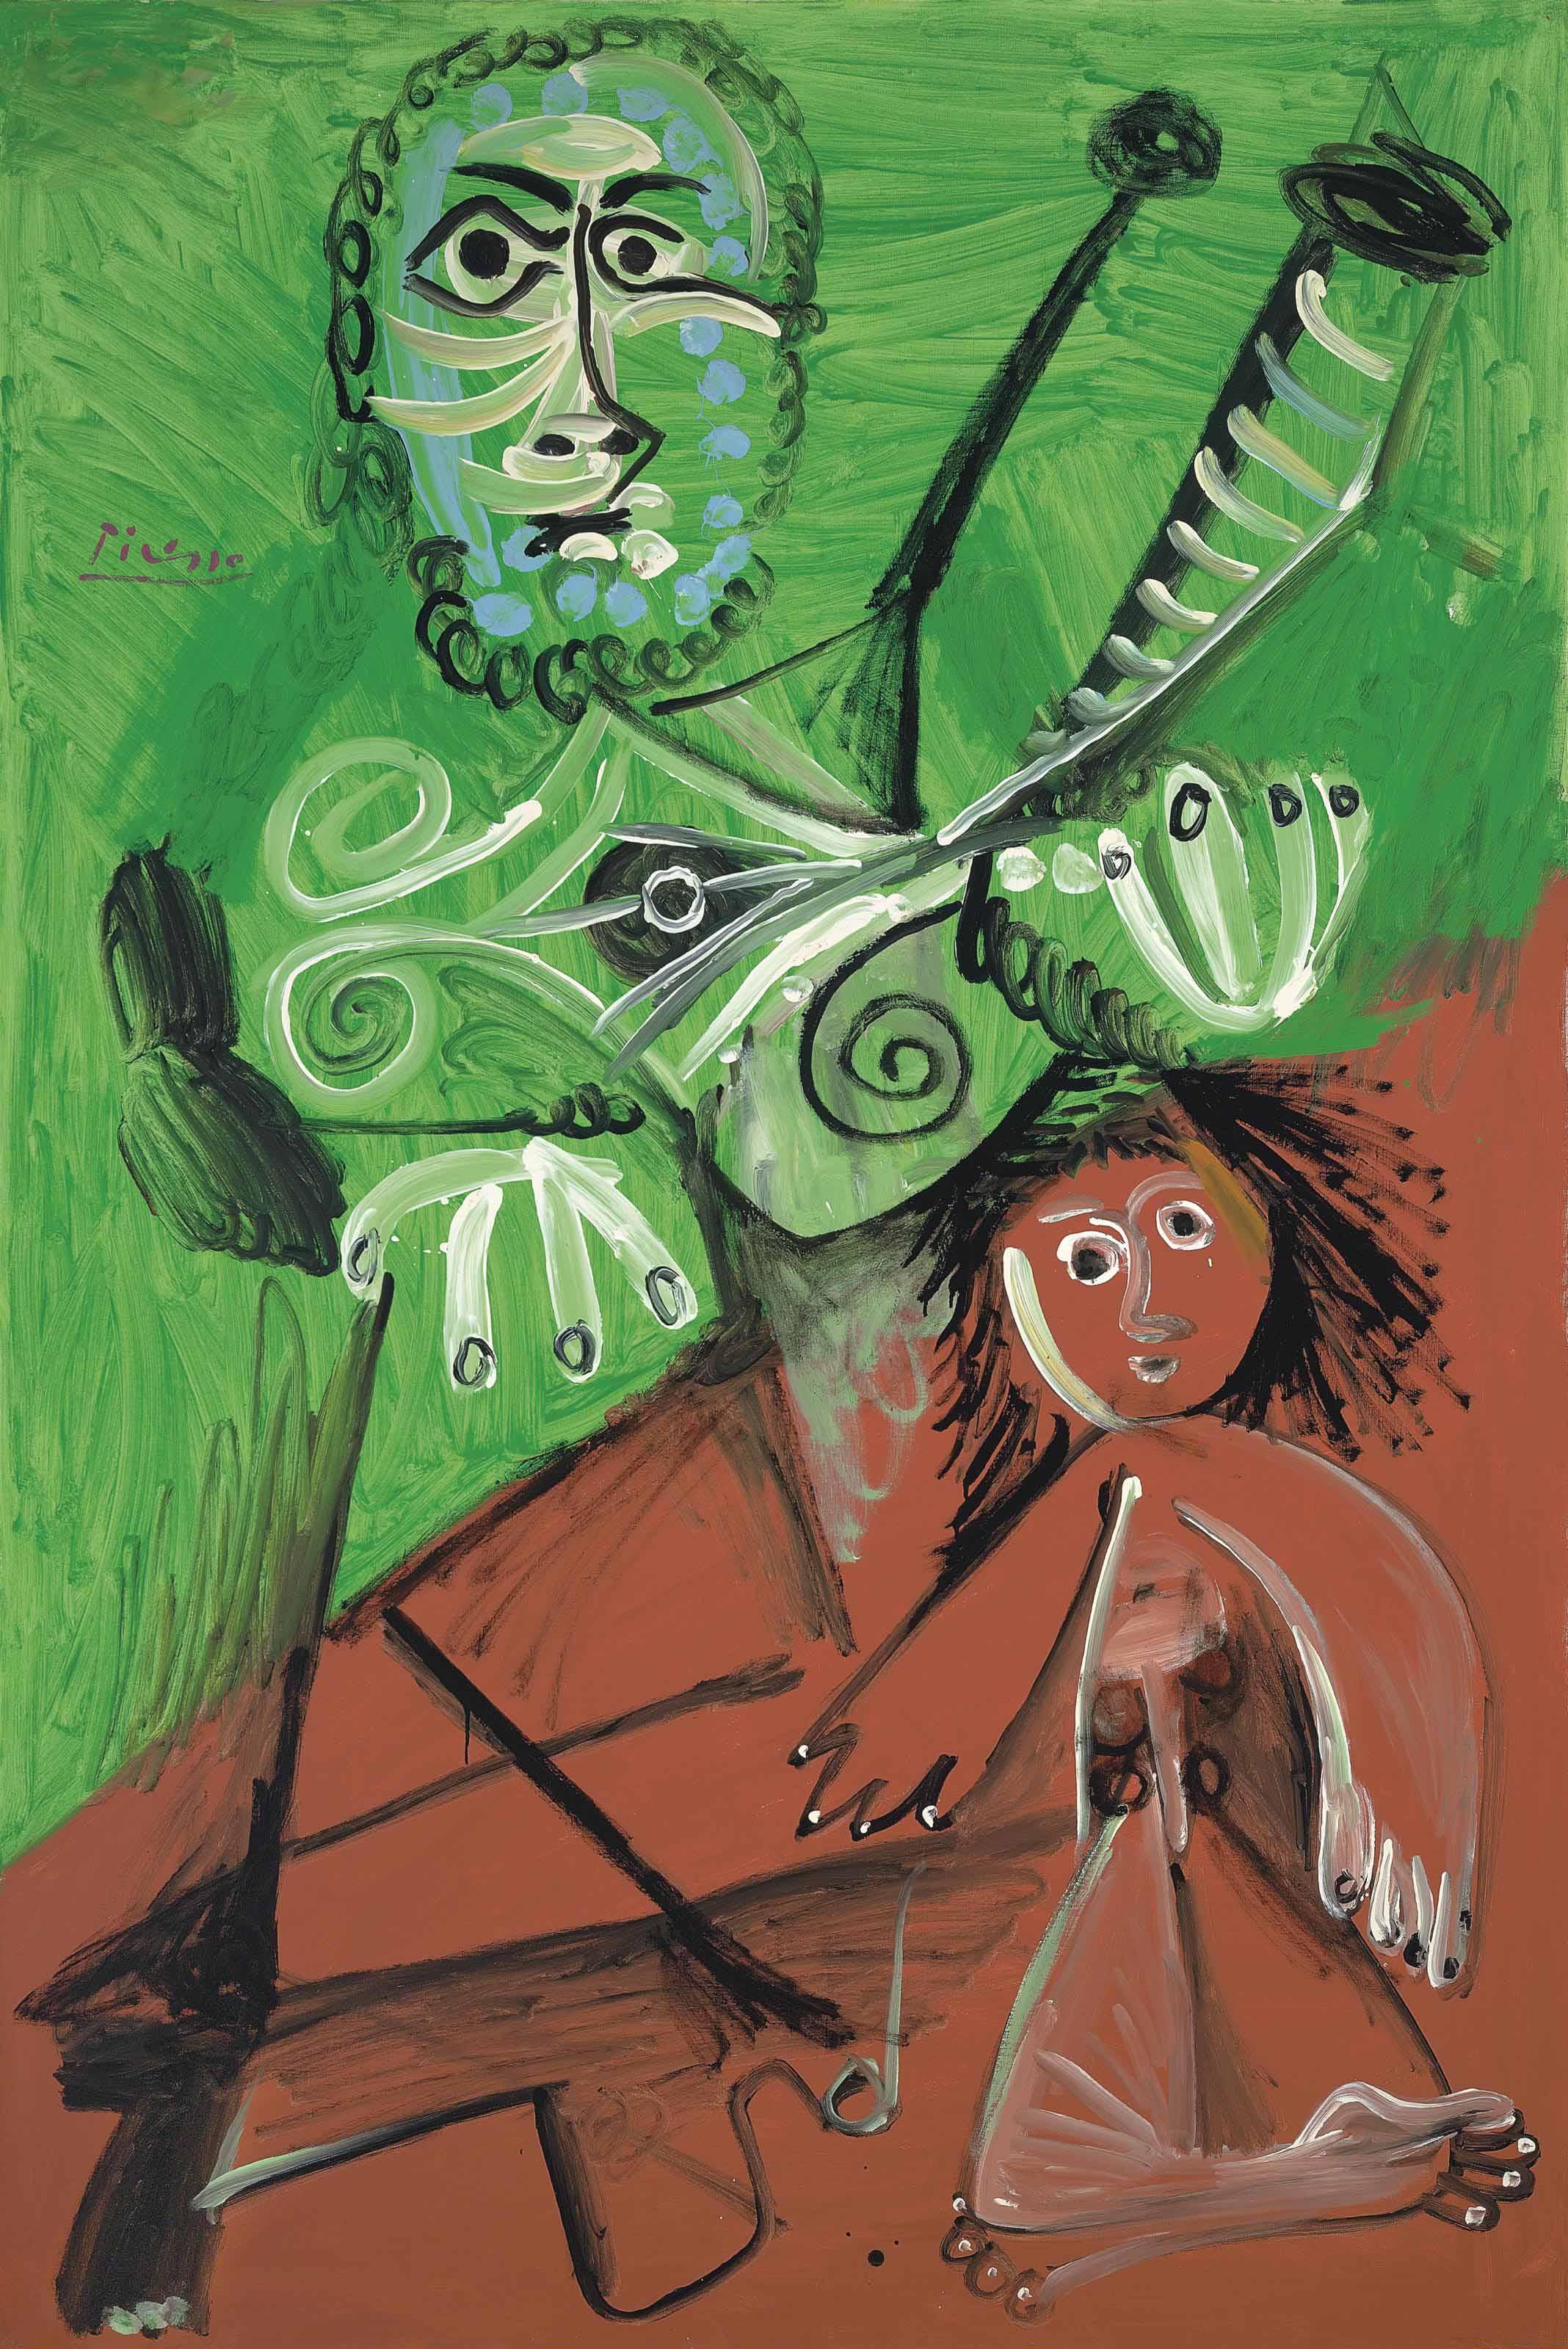 Audio: Pablo Picasso, Homme et enfant